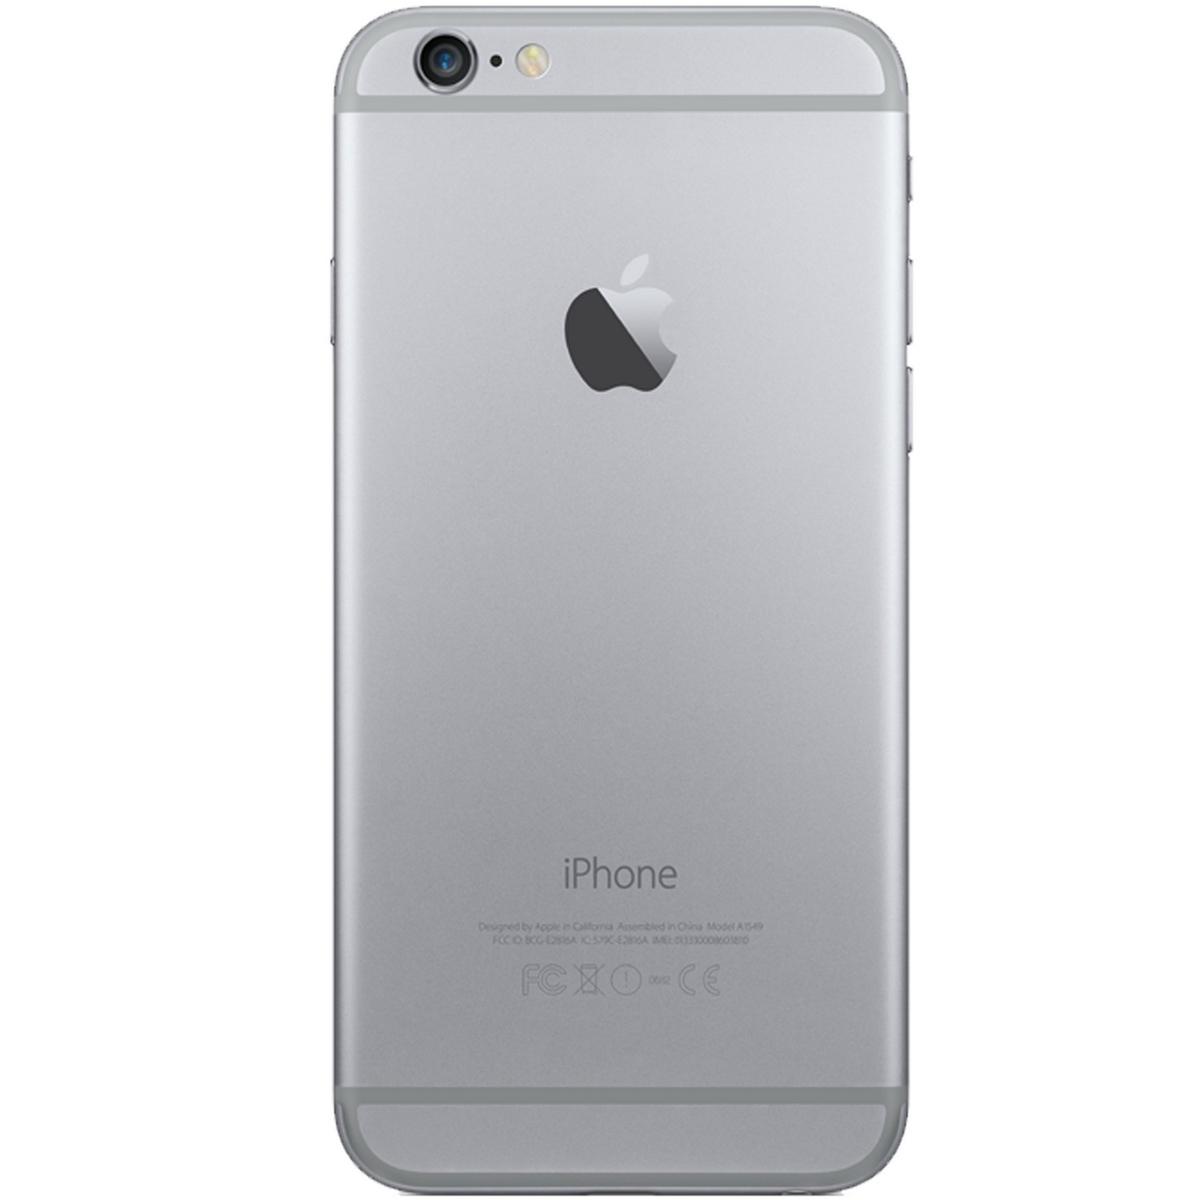 Buy Apple iPhone 6 32GB Space Grey - Smart Phones - Lulu Webstore UAE